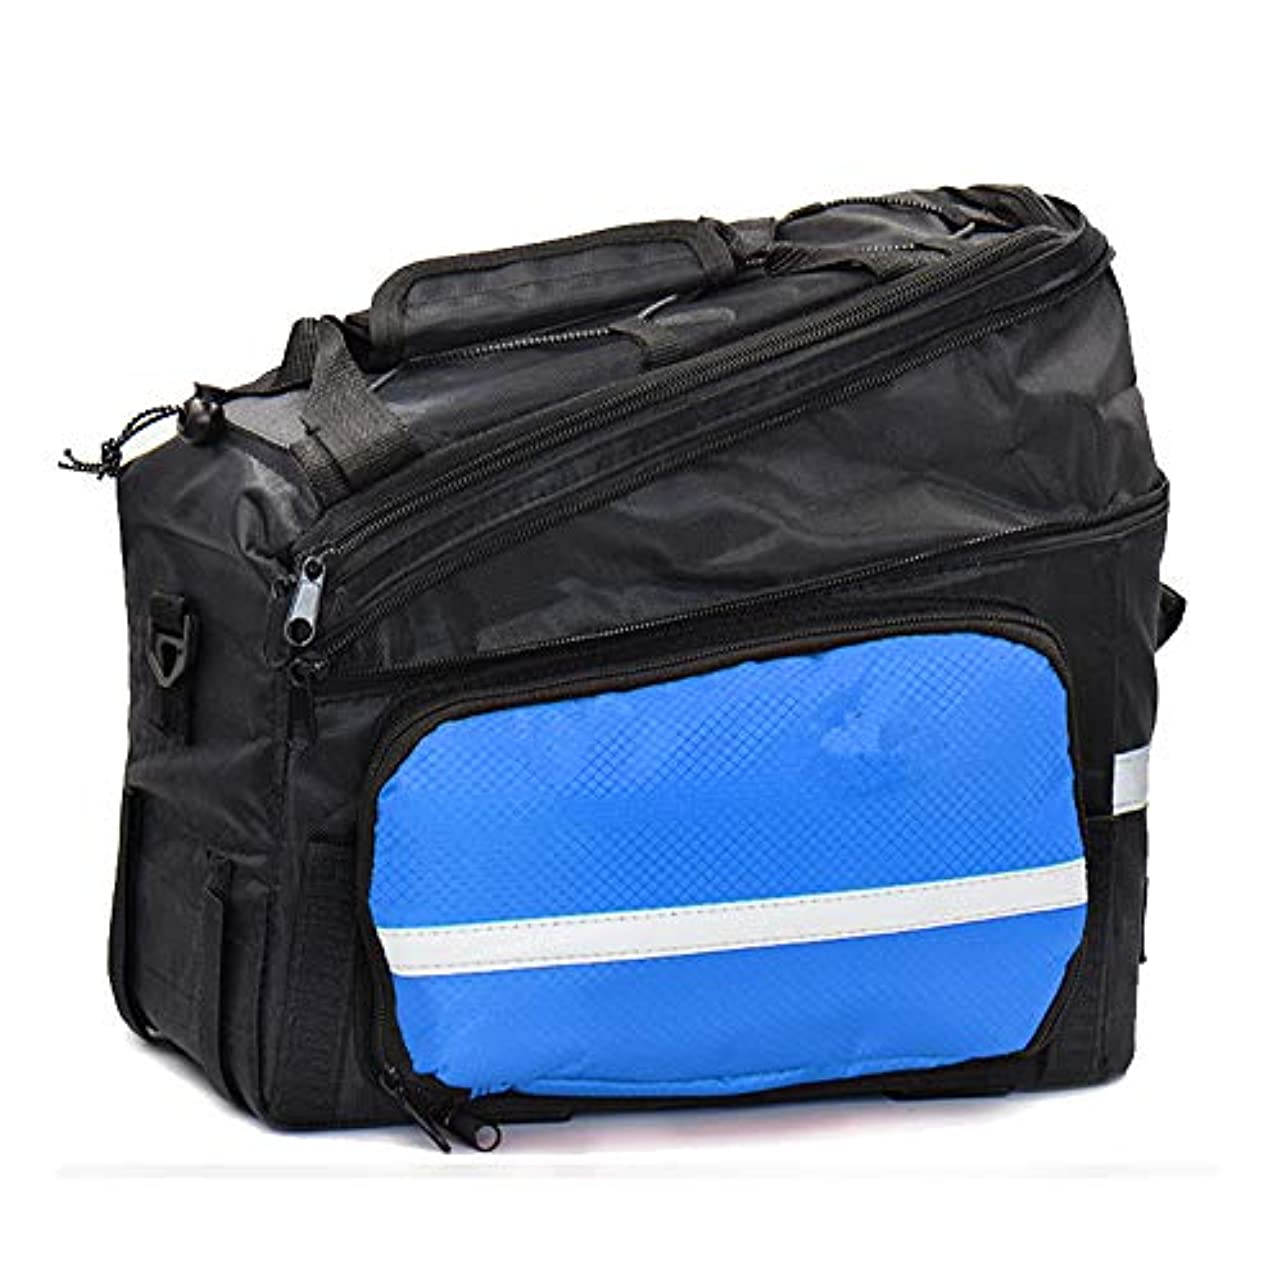 適応する邪魔する残基自転車バッグ 自転車パニエトランクバッグ、大容量防水自転車リアシートパニエフィット れ付き マウンテン/ロード/MTBバイク (色 : 青)